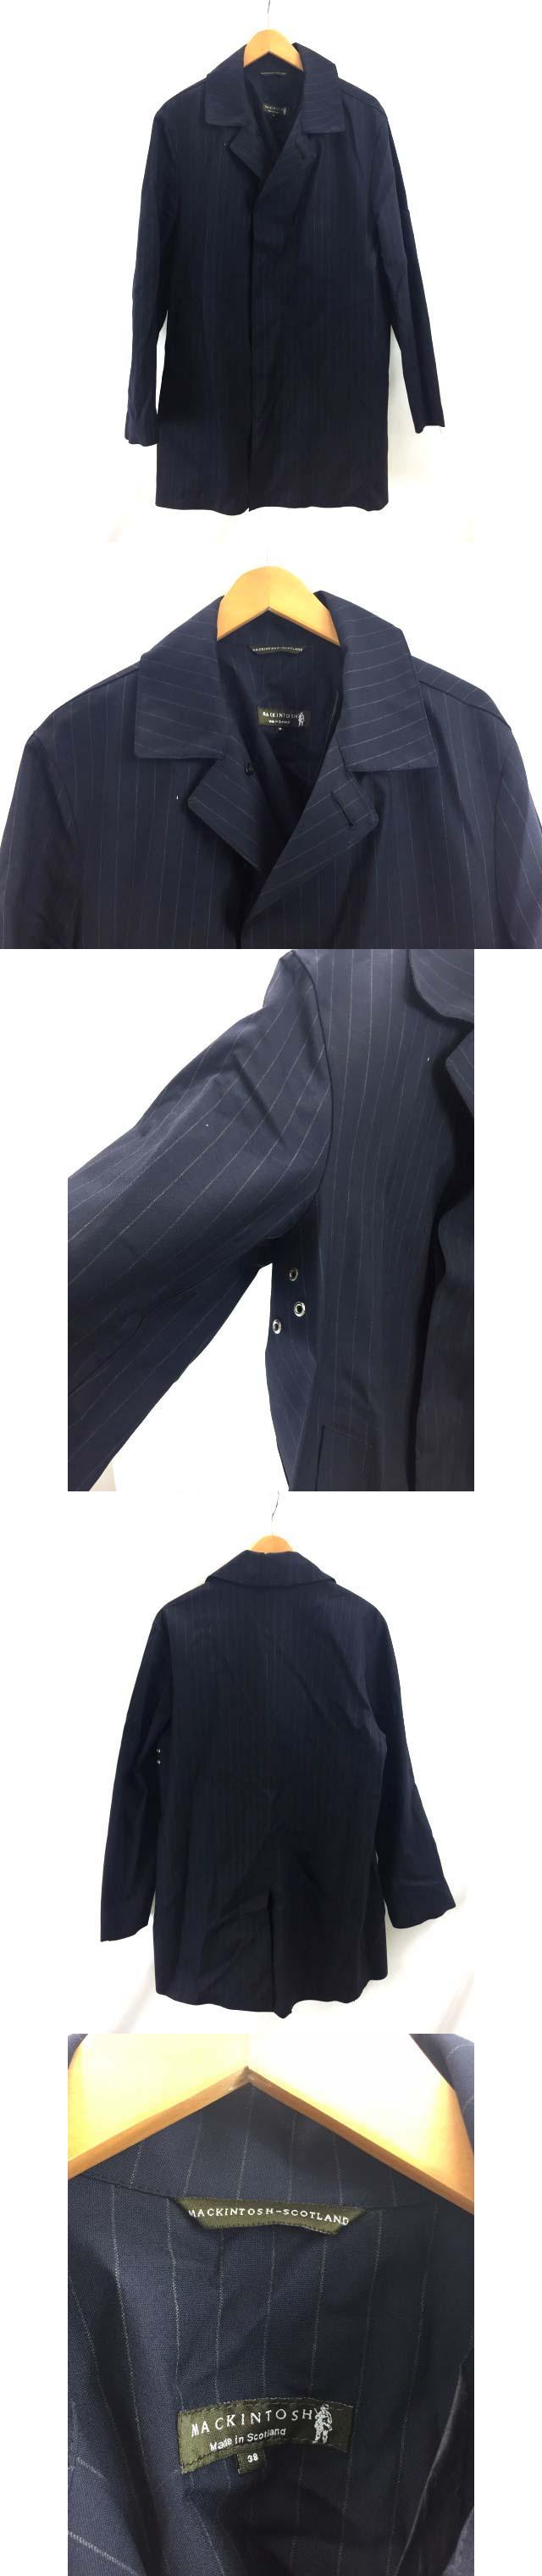 美品 ステンカラーコート ロングコート ゴム引き ストライプ スコットランド製 38 紺 ネイビー SSS3